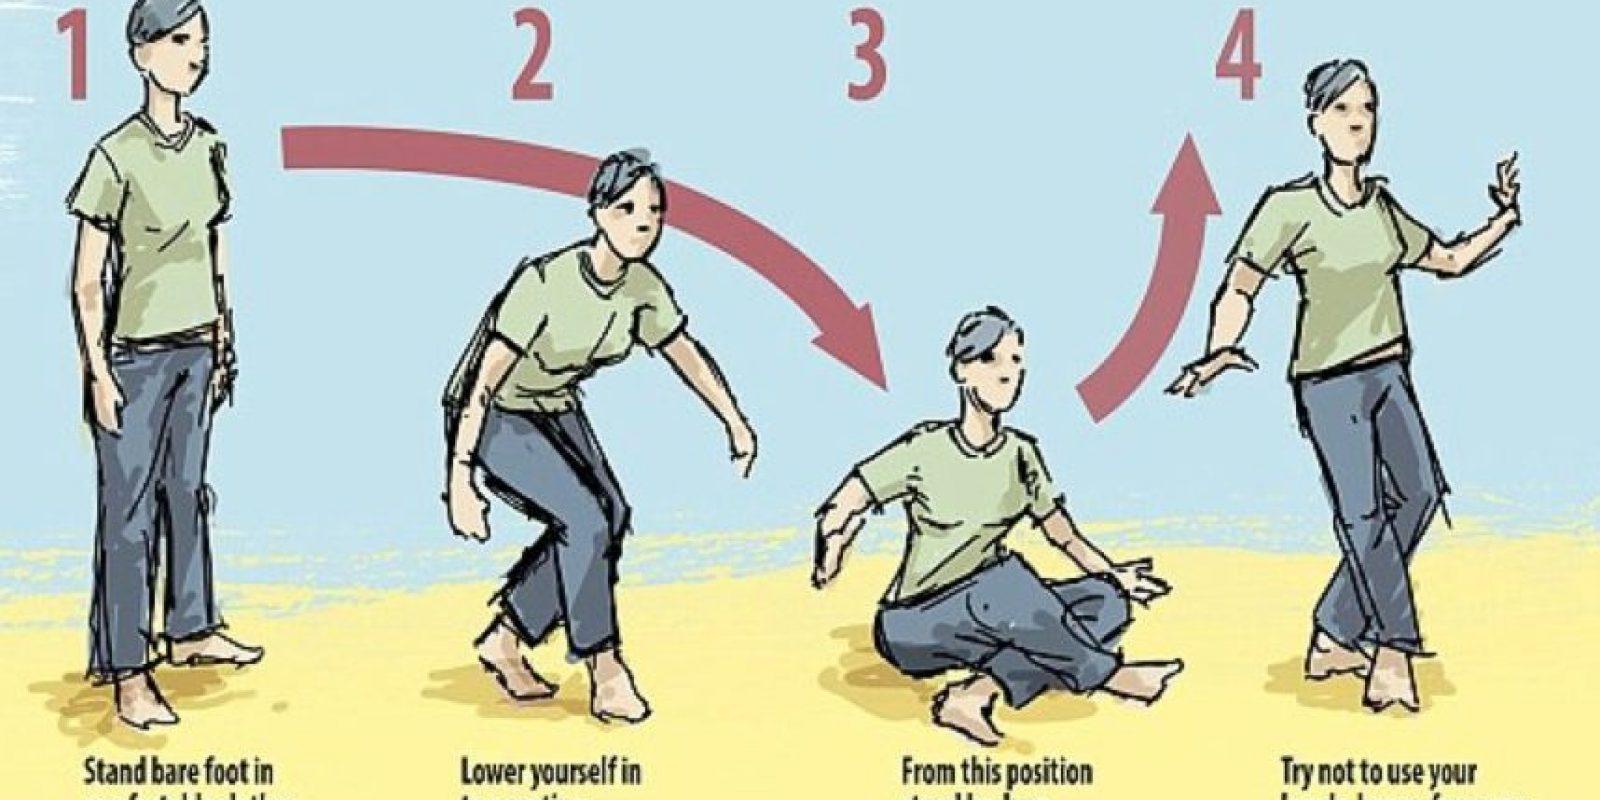 De los que ha de restarse un punto cada vez que utilice ayuda adicional y medio punto si pierde el equilibrio. Foto:Tumblr.com/Tagged-flexibilidad